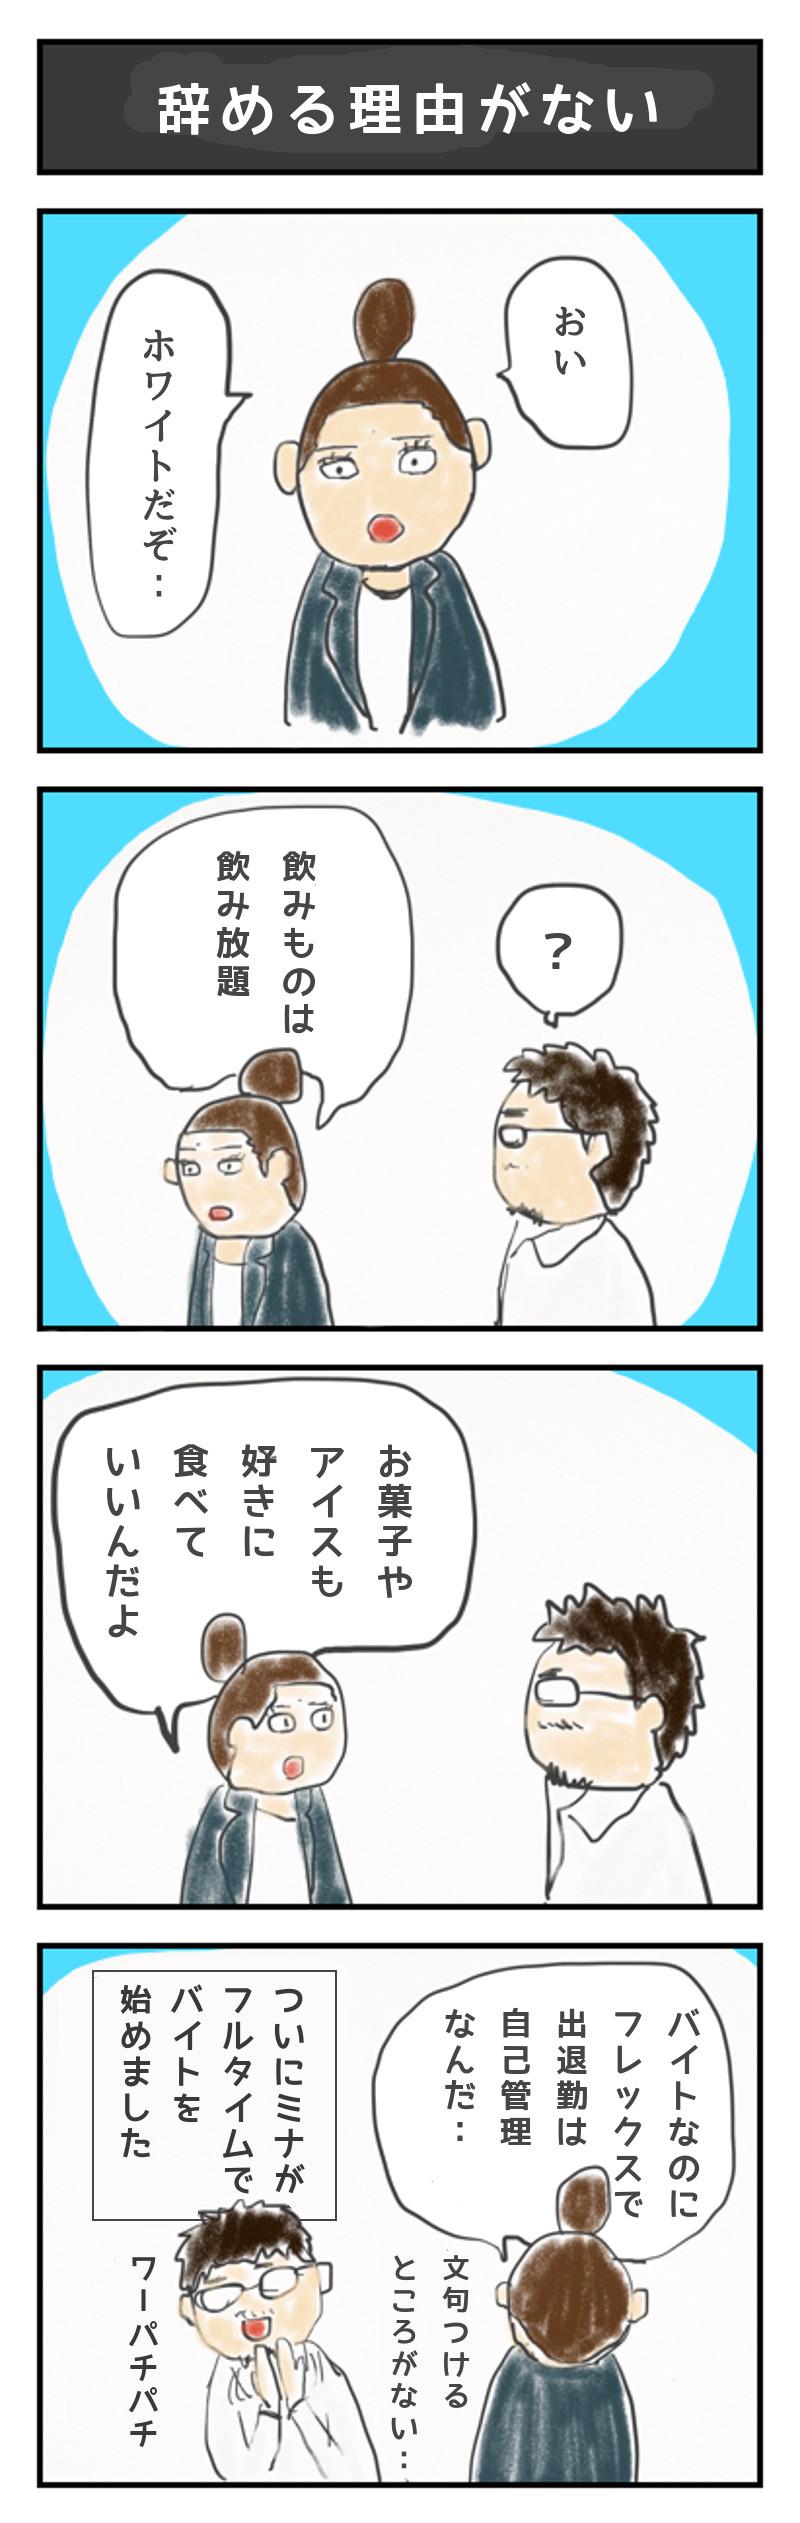 【90】辞める理由がない